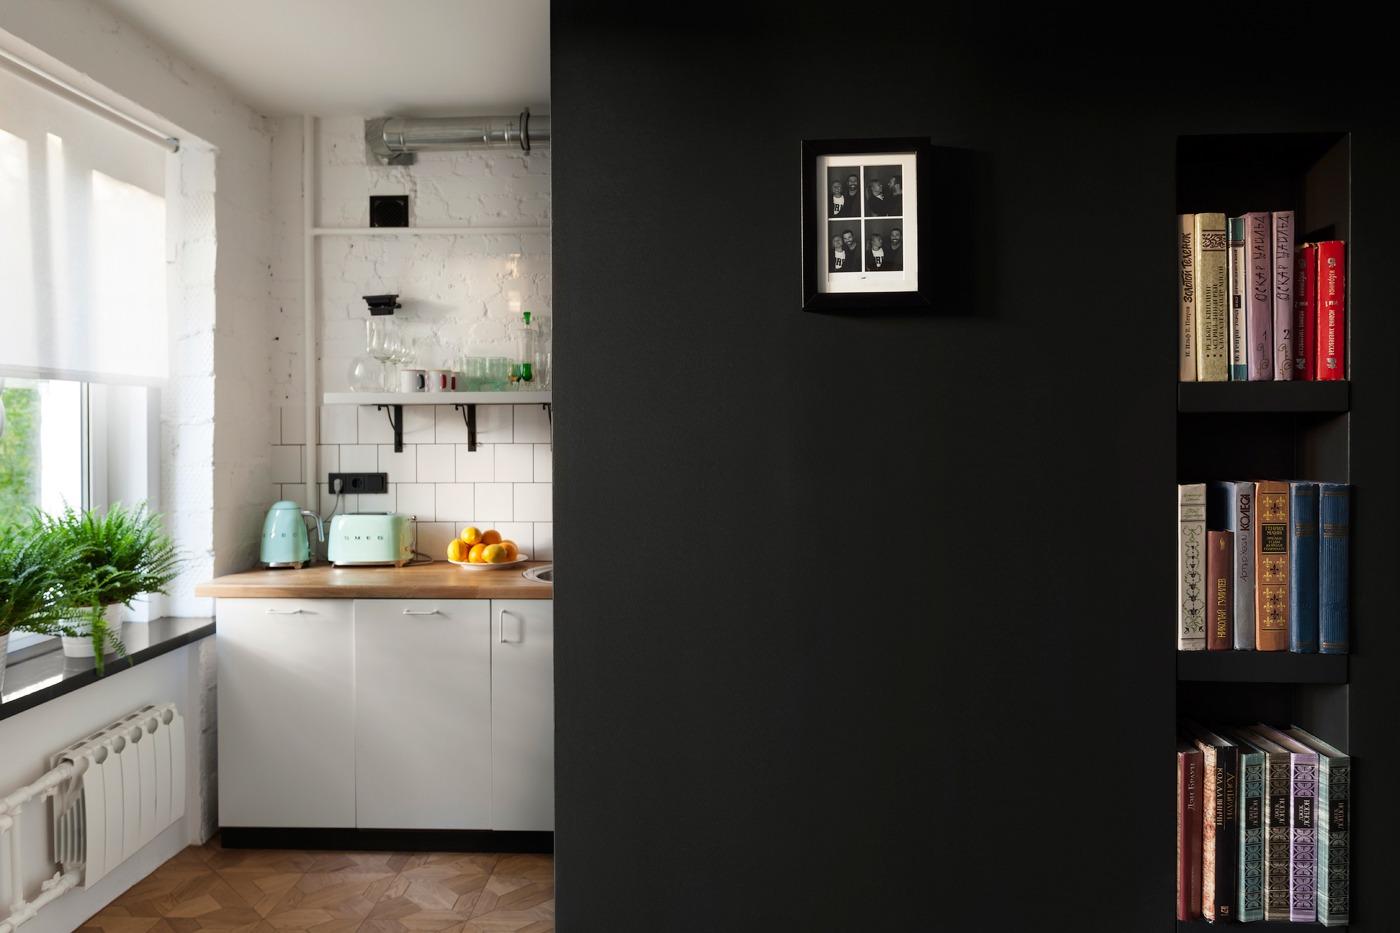 Оформление маленькой квартиры студии в чёрно-белом цвете - фото 7